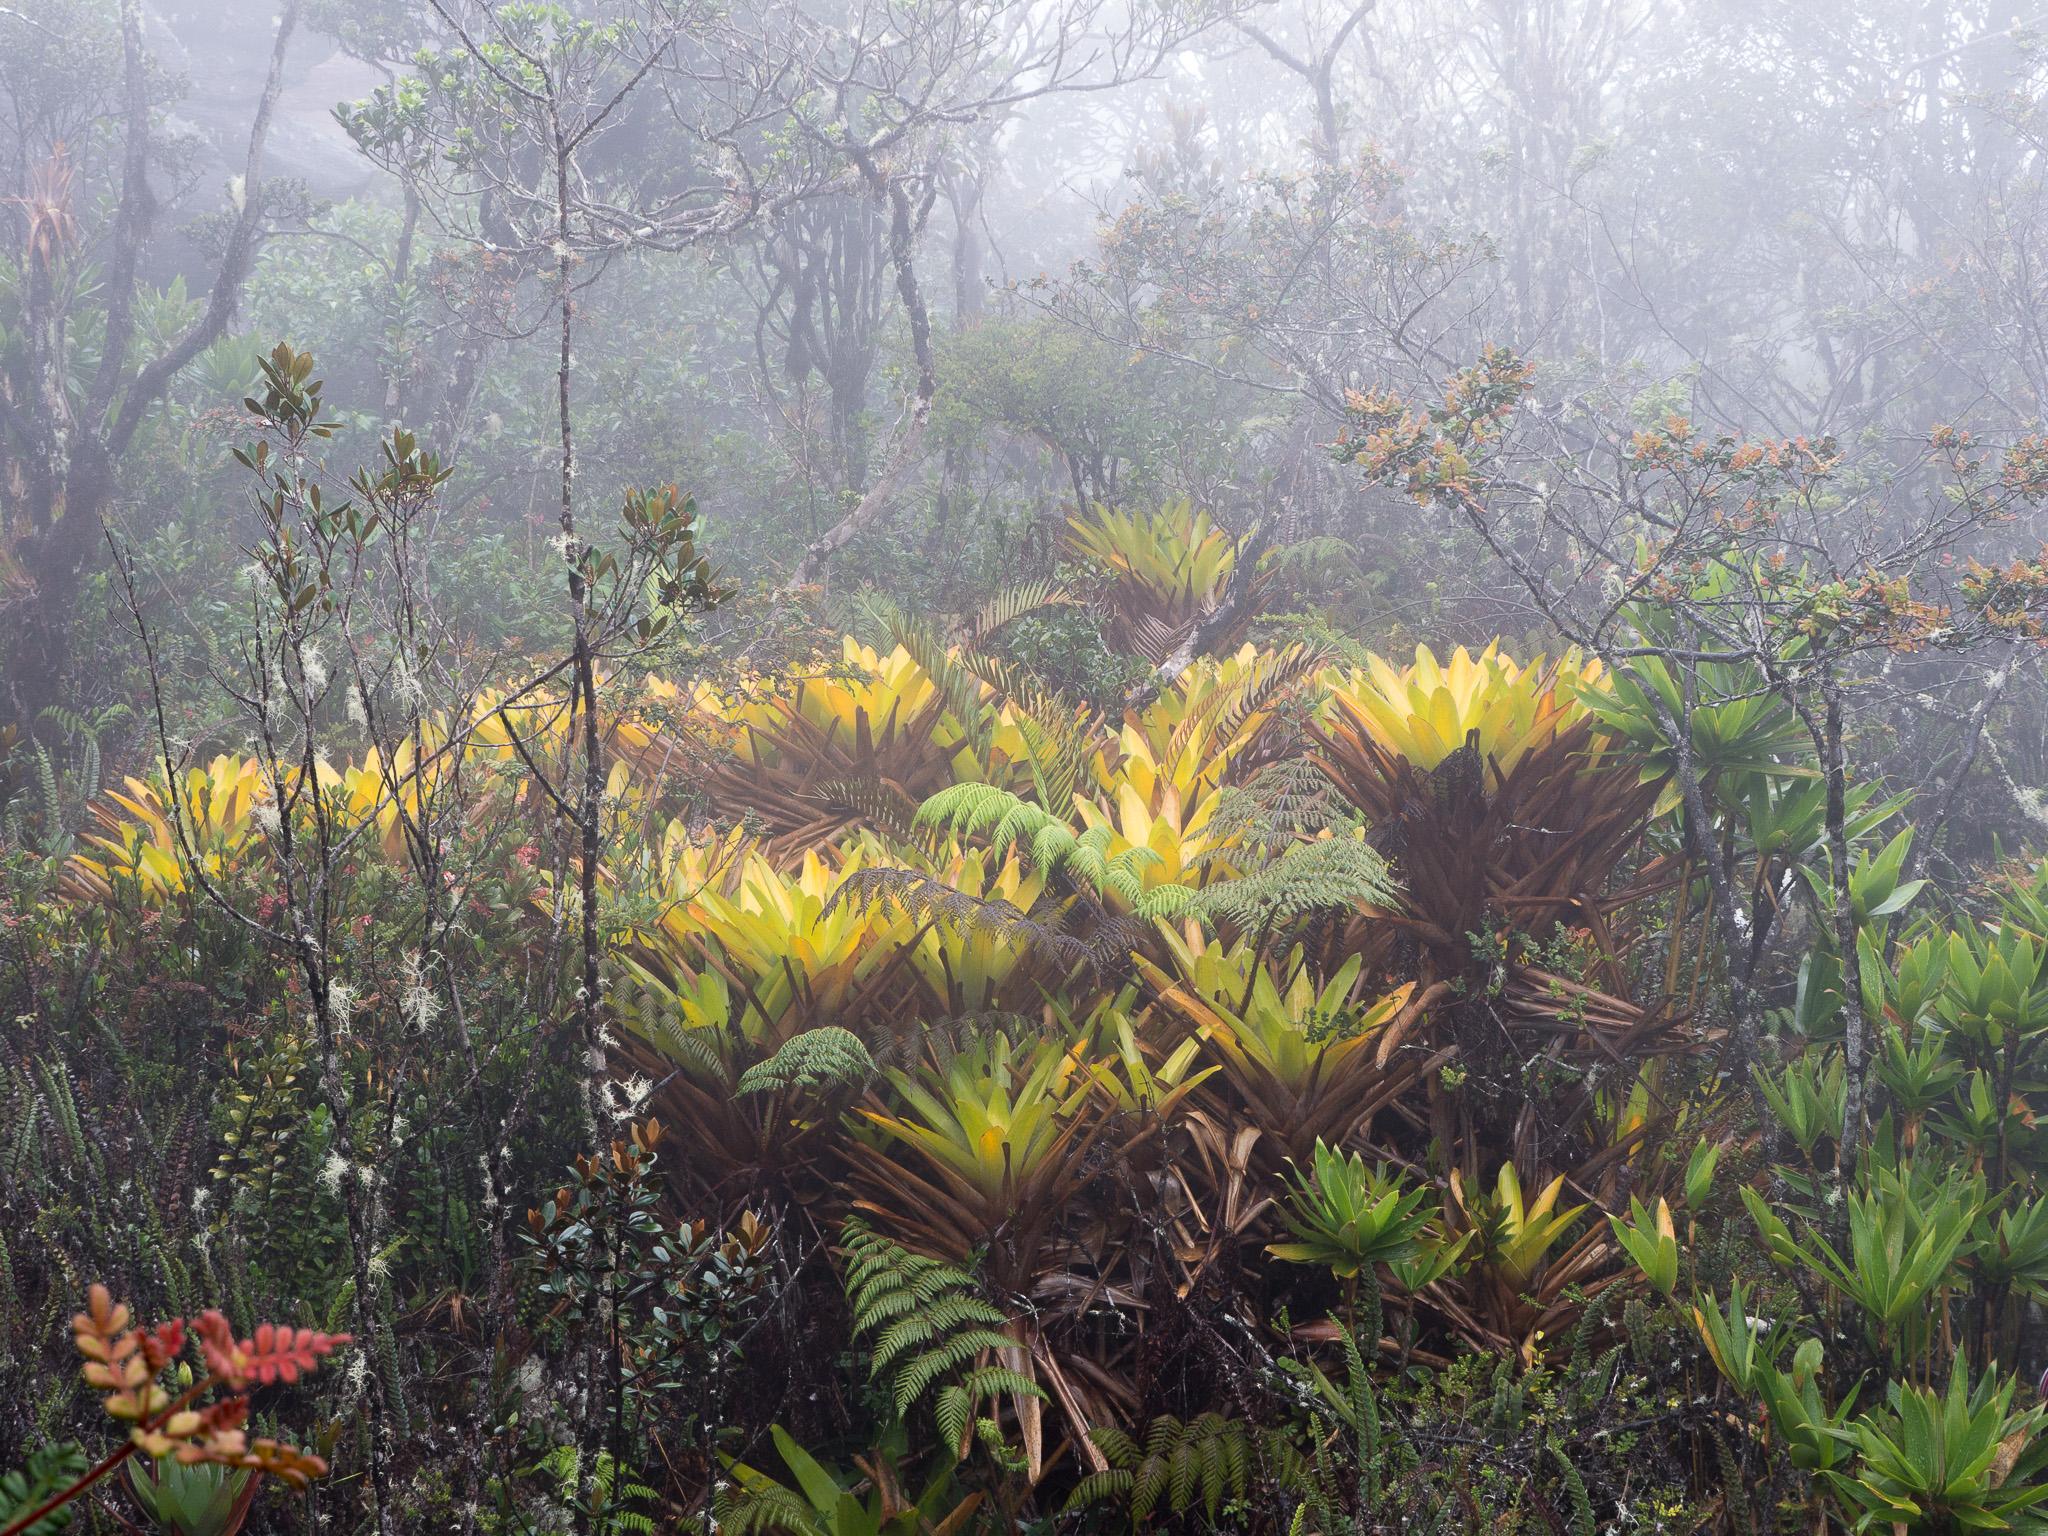 34-Venezuela-0455-P-1304.jpg